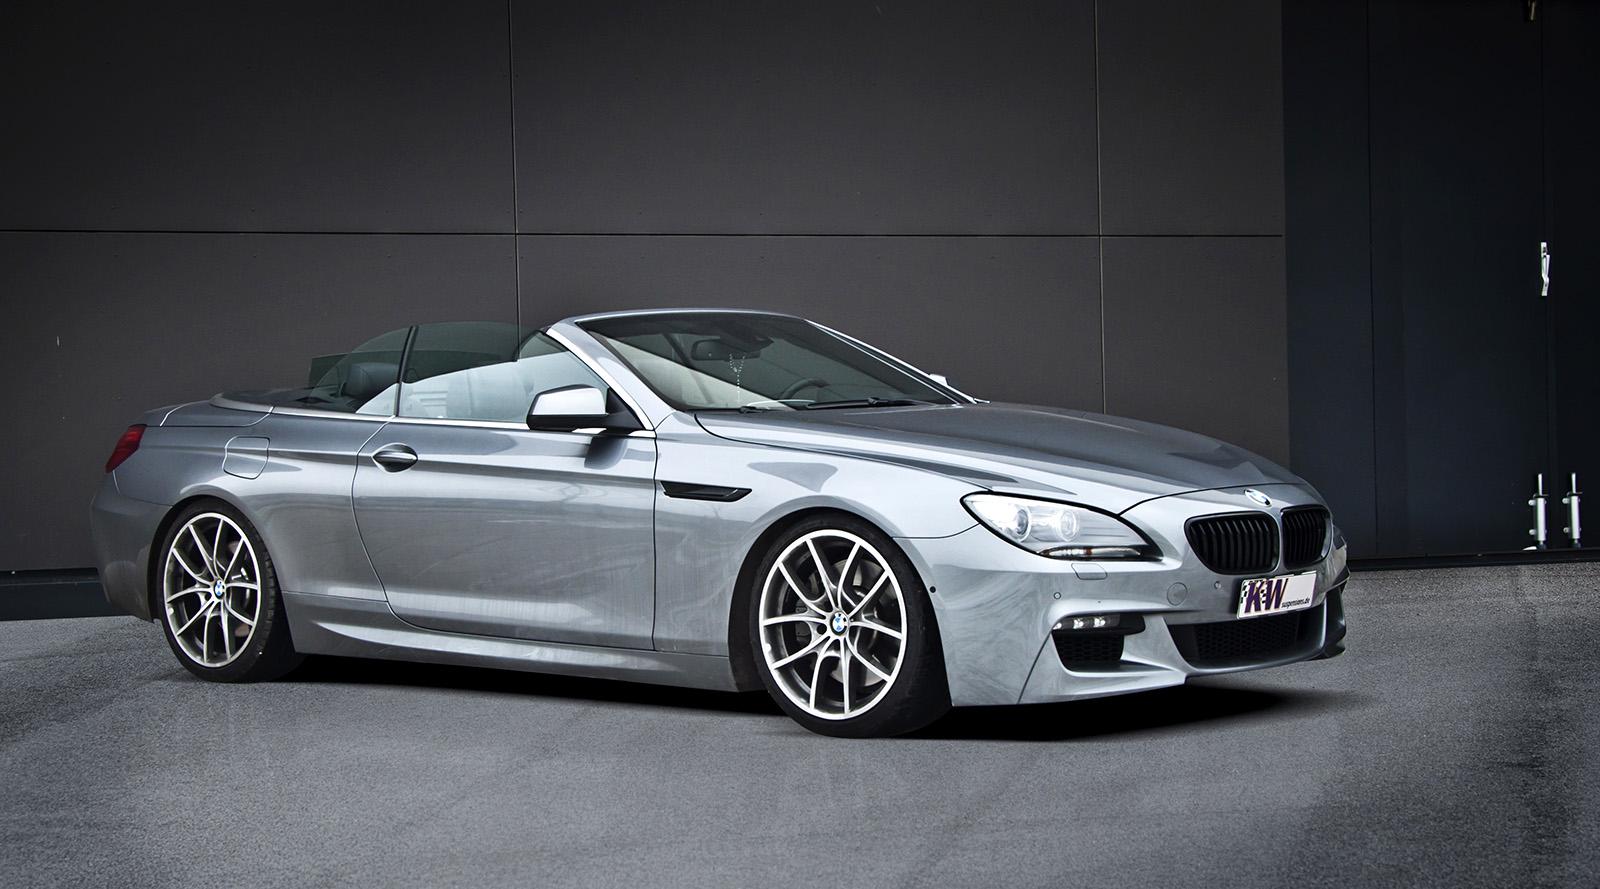 KW_BMW_6er_Typ_F12_Cabrio_2